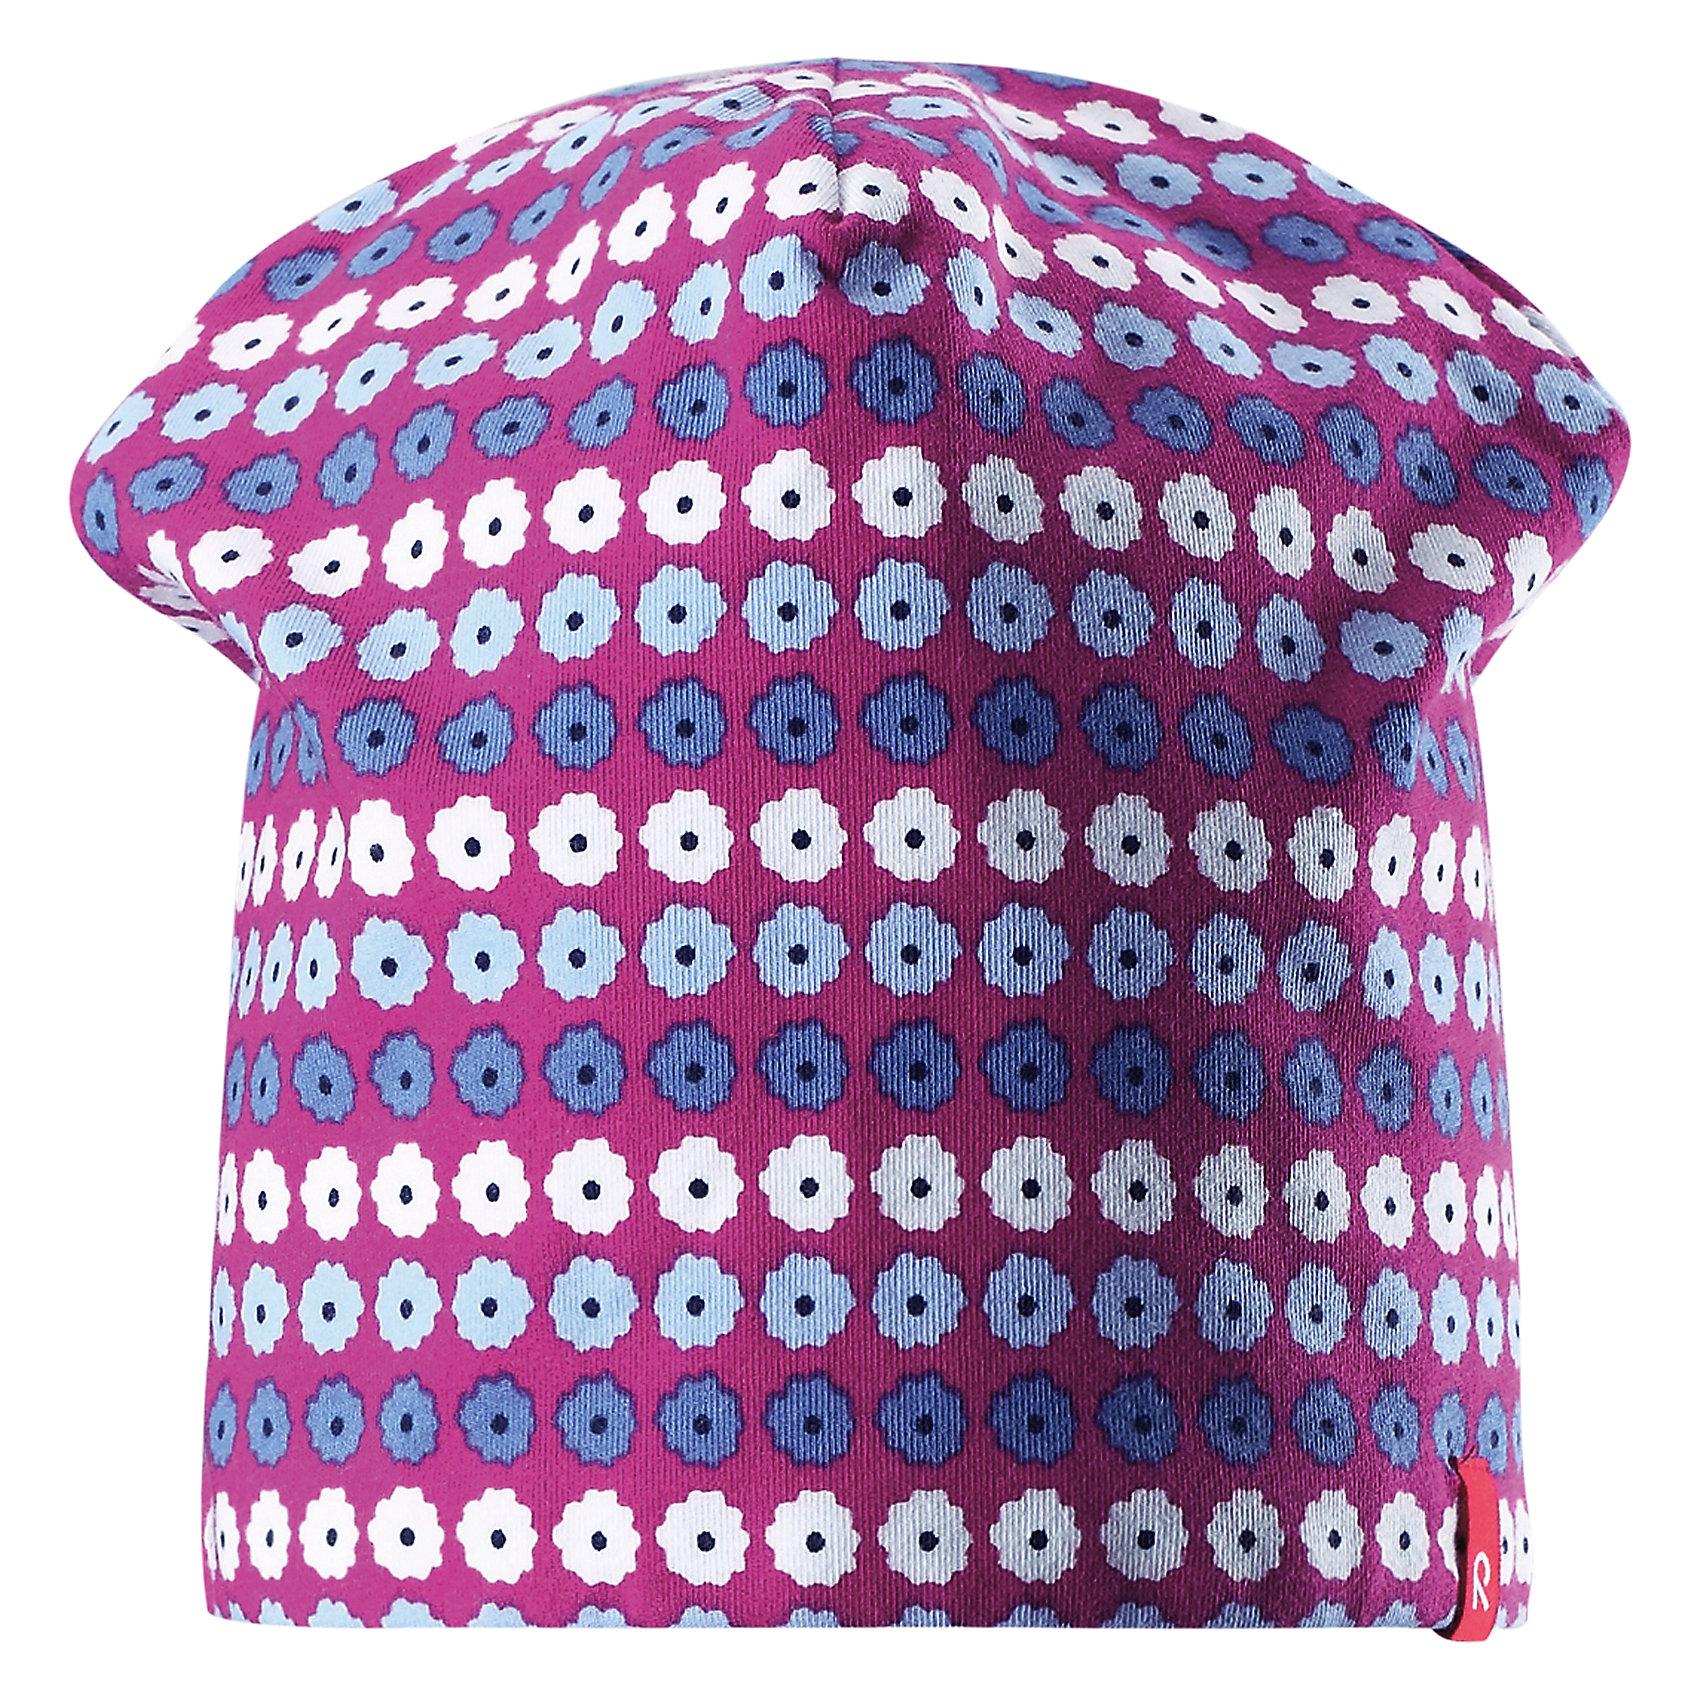 Шапка Frappe для девочки ReimaХарактеристики товара:<br><br>• цвет: фиолетовый/розовый<br>• быстросохнущий материал<br>• состав: 65% хлопок, 30% полиэстер, 5% эластан<br>• температурный режим: от +5°до +15°С<br>• эластичный материал<br>• сплошная подкладка: влаговыводящий трикотаж<br>• двухсторонняя<br>• отводящий влагу материал Play Jersey<br>• декоративный логотип<br>• фактор защиты от ультрафиолета: 40+<br>• комфортная посадка<br>• страна производства: Китай<br>• страна бренда: Финляндия<br>• коллекция: весна-лето 2017<br><br>Детский головной убор может быть модным и удобным одновременно! Стильная шапка поможет обеспечить ребенку комфорт и дополнить наряд. Она отлично смотрится с различной одеждой. Шапка удобно сидит и аккуратно выглядит. Проста в уходе, долго служит. Стильный дизайн разрабатывался специально для детей. Отличная защита от солнца!<br><br>Одежда и обувь от финского бренда Reima пользуется популярностью во многих странах. Эти изделия стильные, качественные и удобные. Для производства продукции используются только безопасные, проверенные материалы и фурнитура. Порадуйте ребенка модными и красивыми вещами от Reima! <br><br>Шапку для мальчика от финского бренда Reima (Рейма) можно купить в нашем интернет-магазине.<br><br>Ширина мм: 89<br>Глубина мм: 117<br>Высота мм: 44<br>Вес г: 155<br>Цвет: розовый<br>Возраст от месяцев: 48<br>Возраст до месяцев: 84<br>Пол: Женский<br>Возраст: Детский<br>Размер: 54,50<br>SKU: 5267913